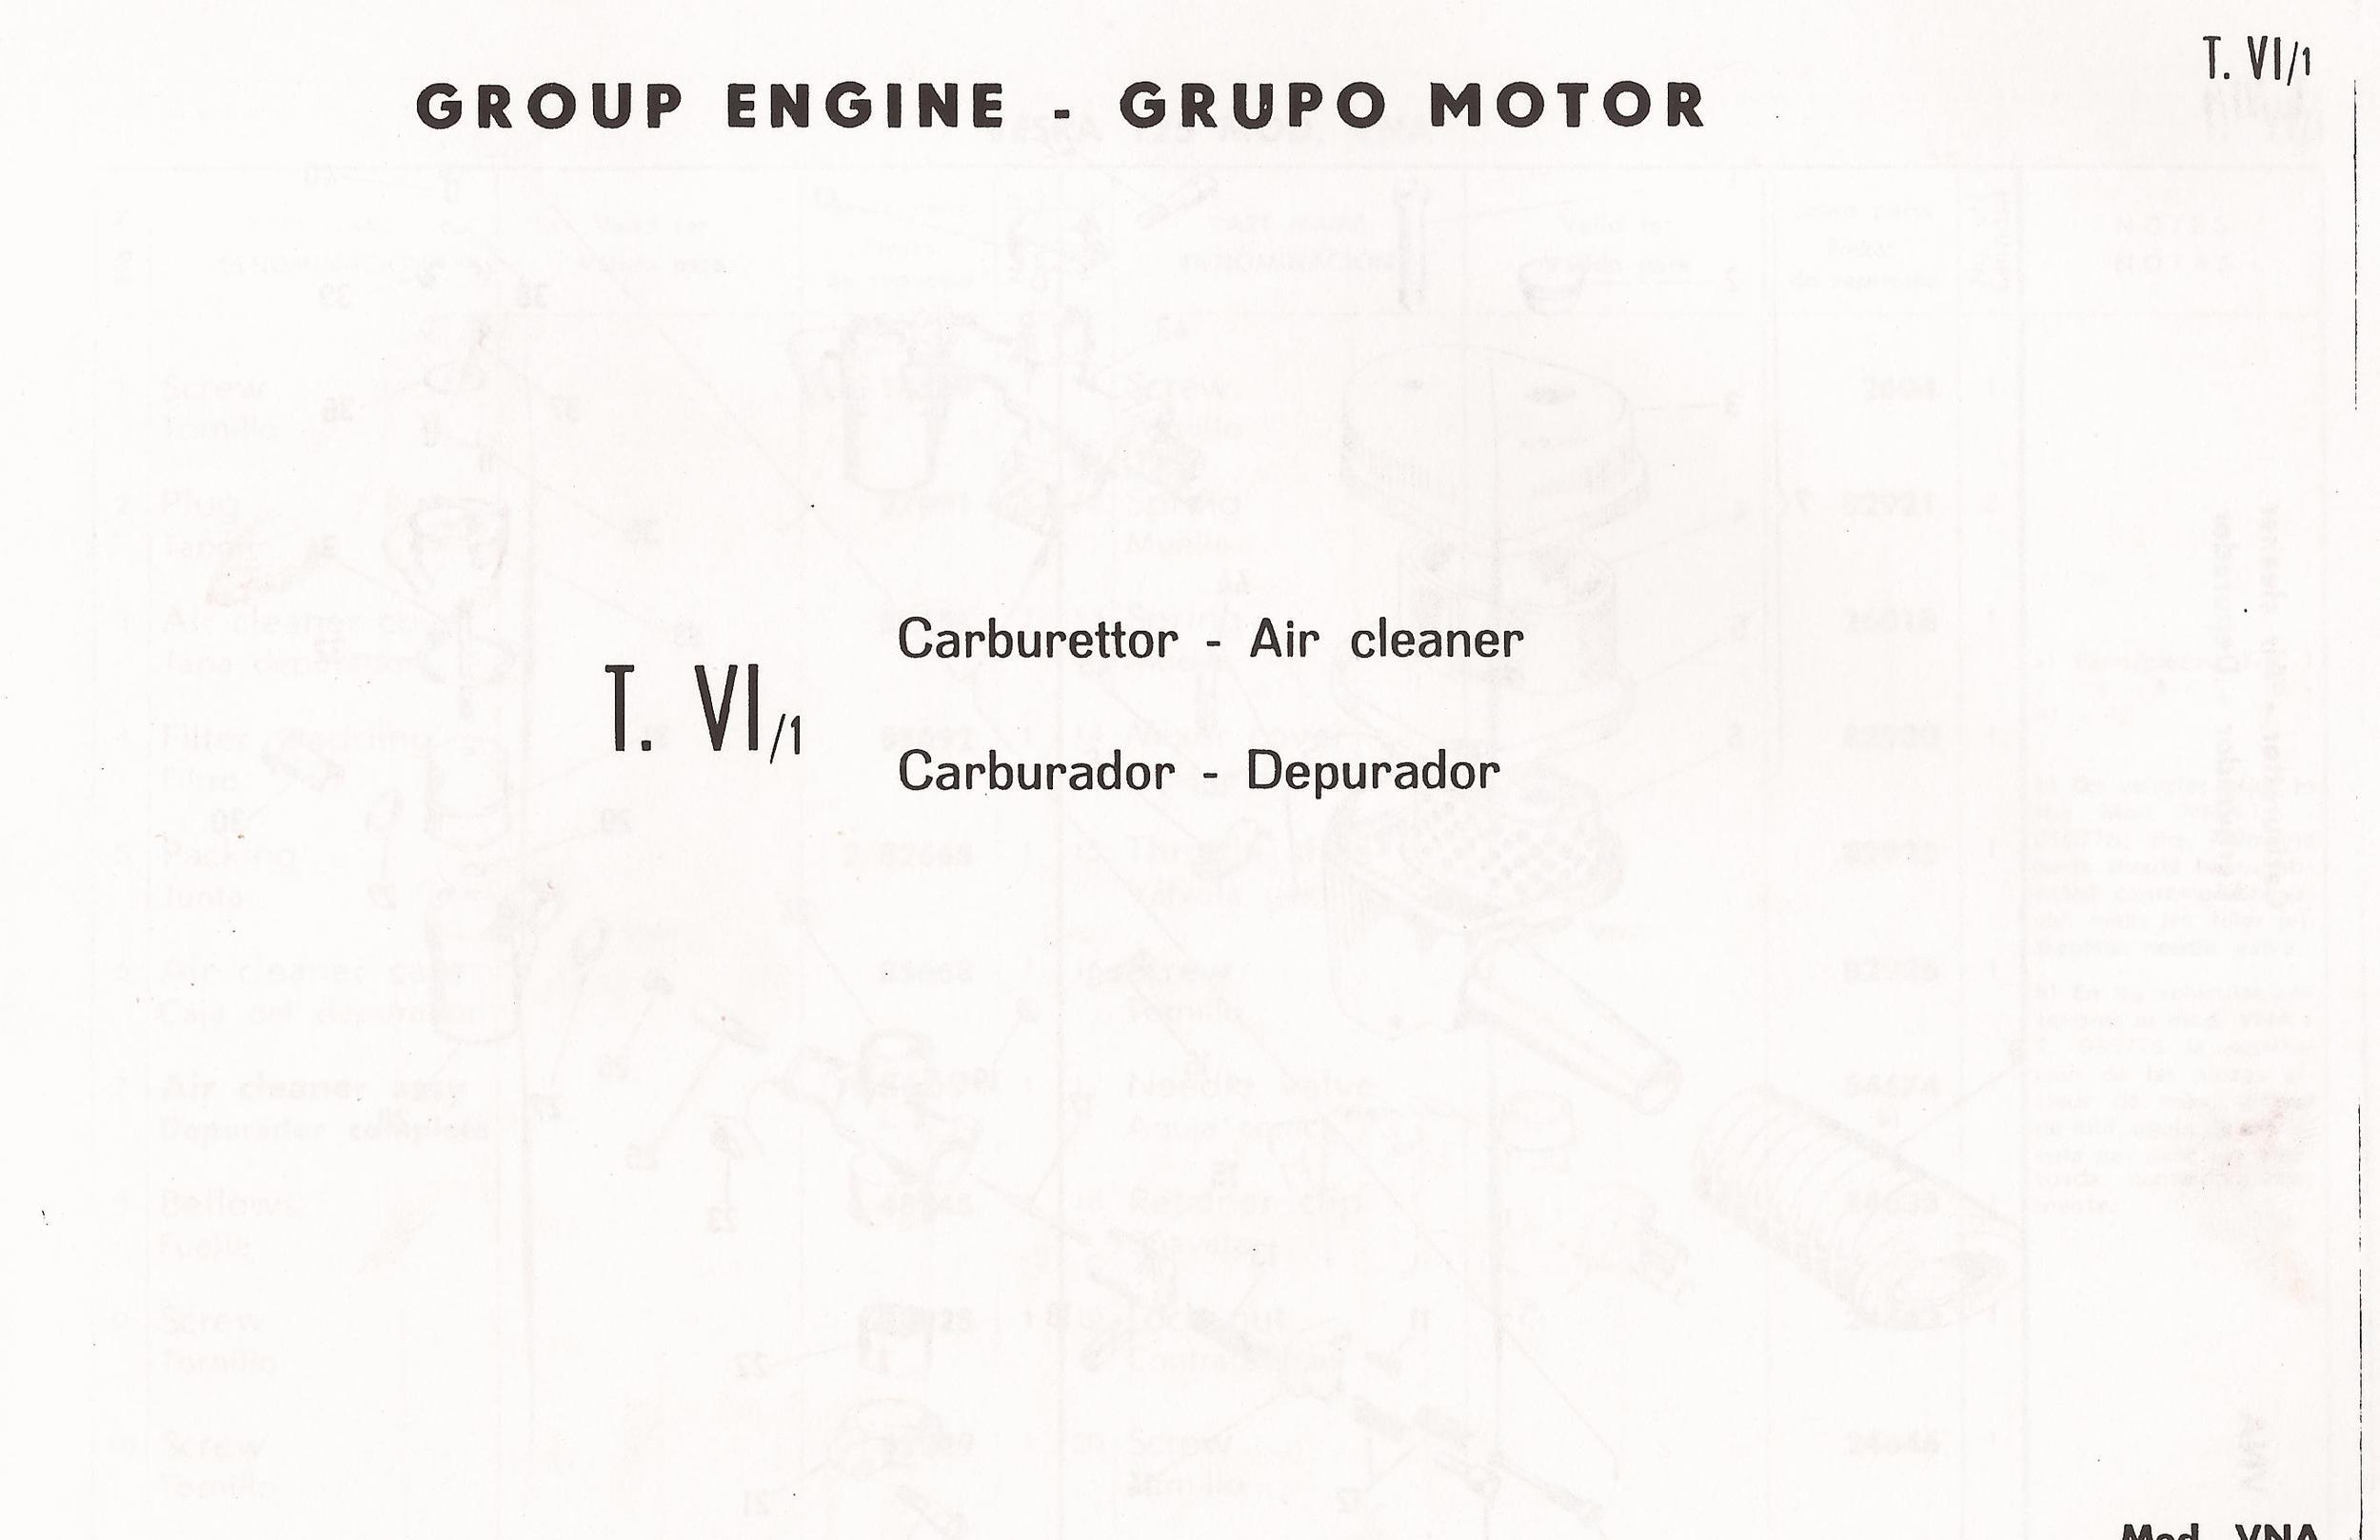 07-16-2013 vespa 125 catalog manuel 57.jpg